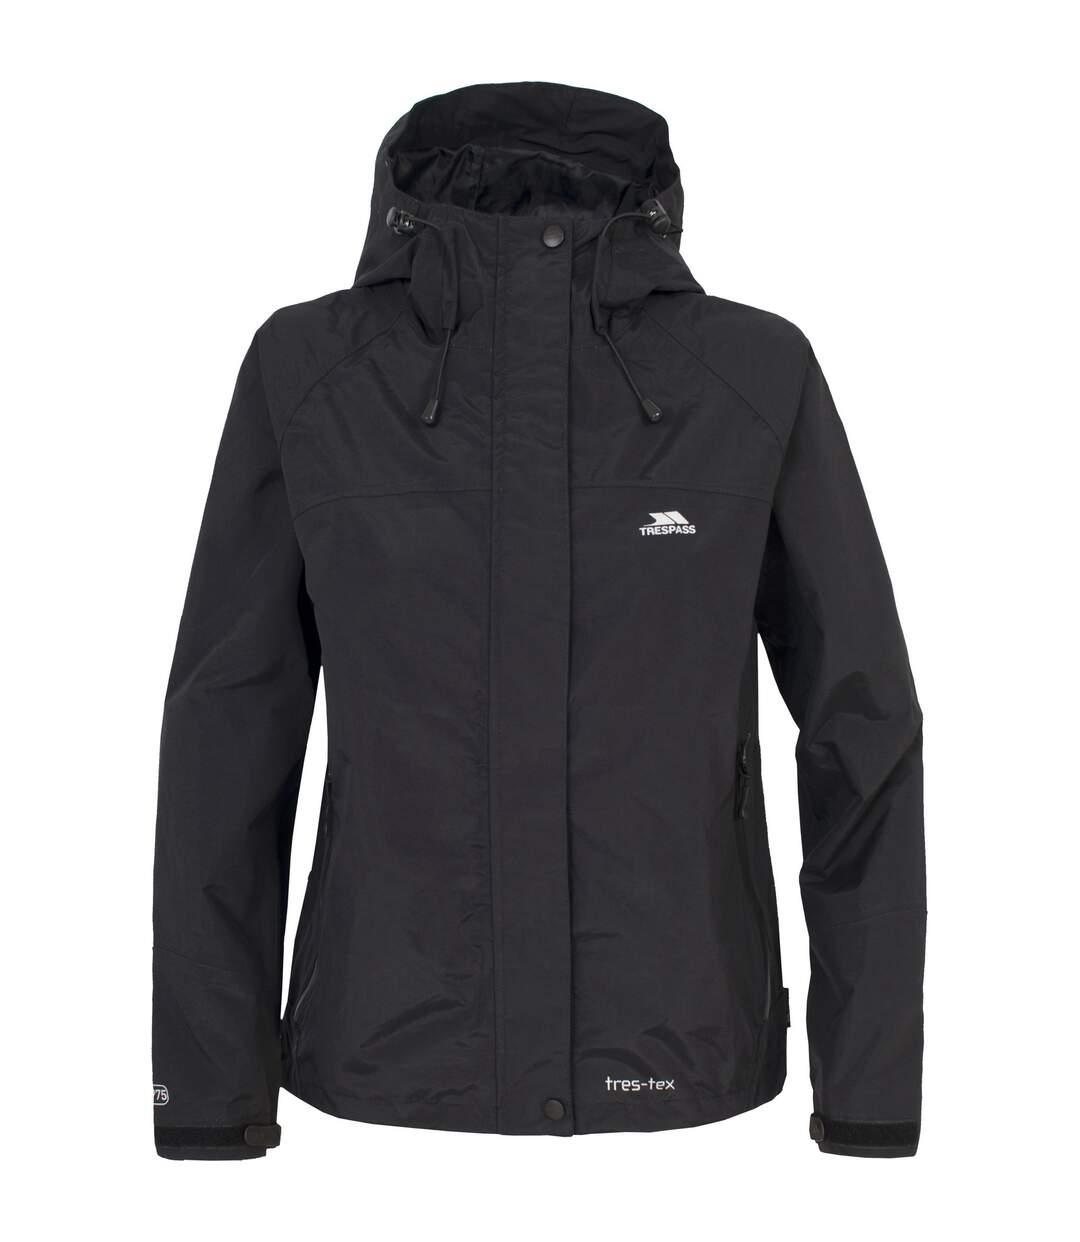 Trespass Womens/Ladies Miyake Hooded Waterproof Jacket (Black) - UTTP165